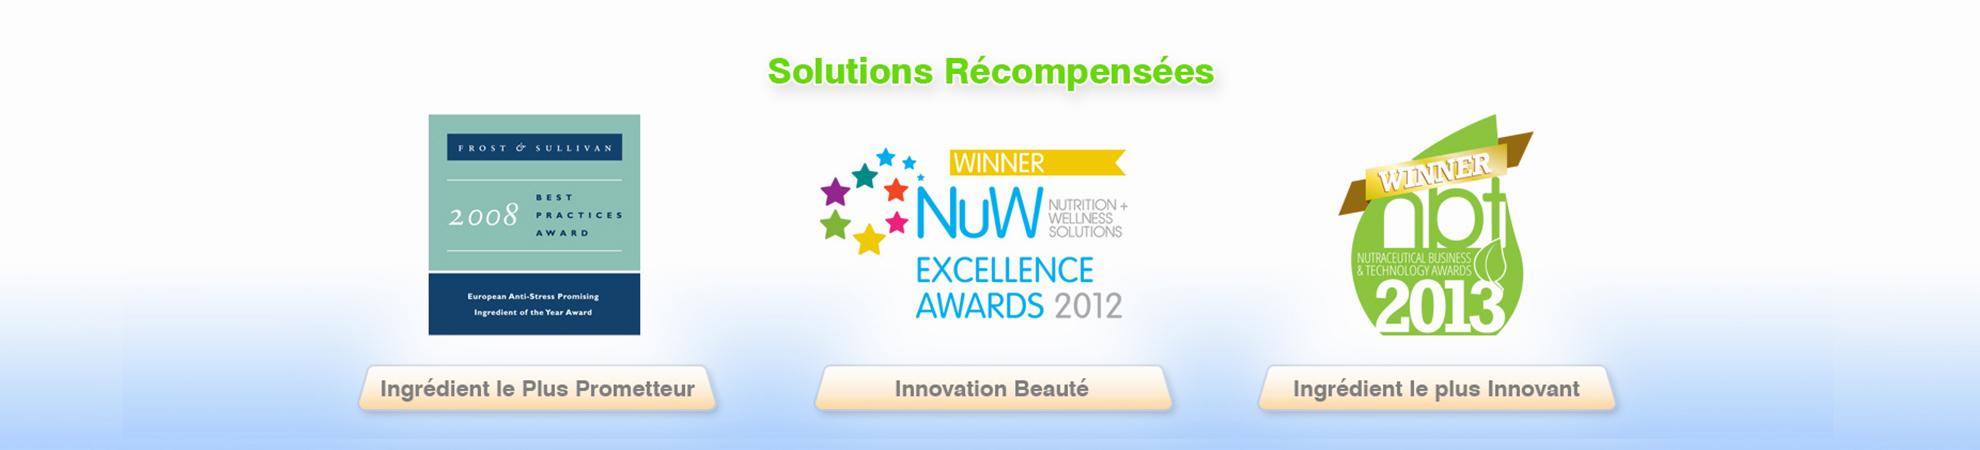 Bionov solutions récompensées